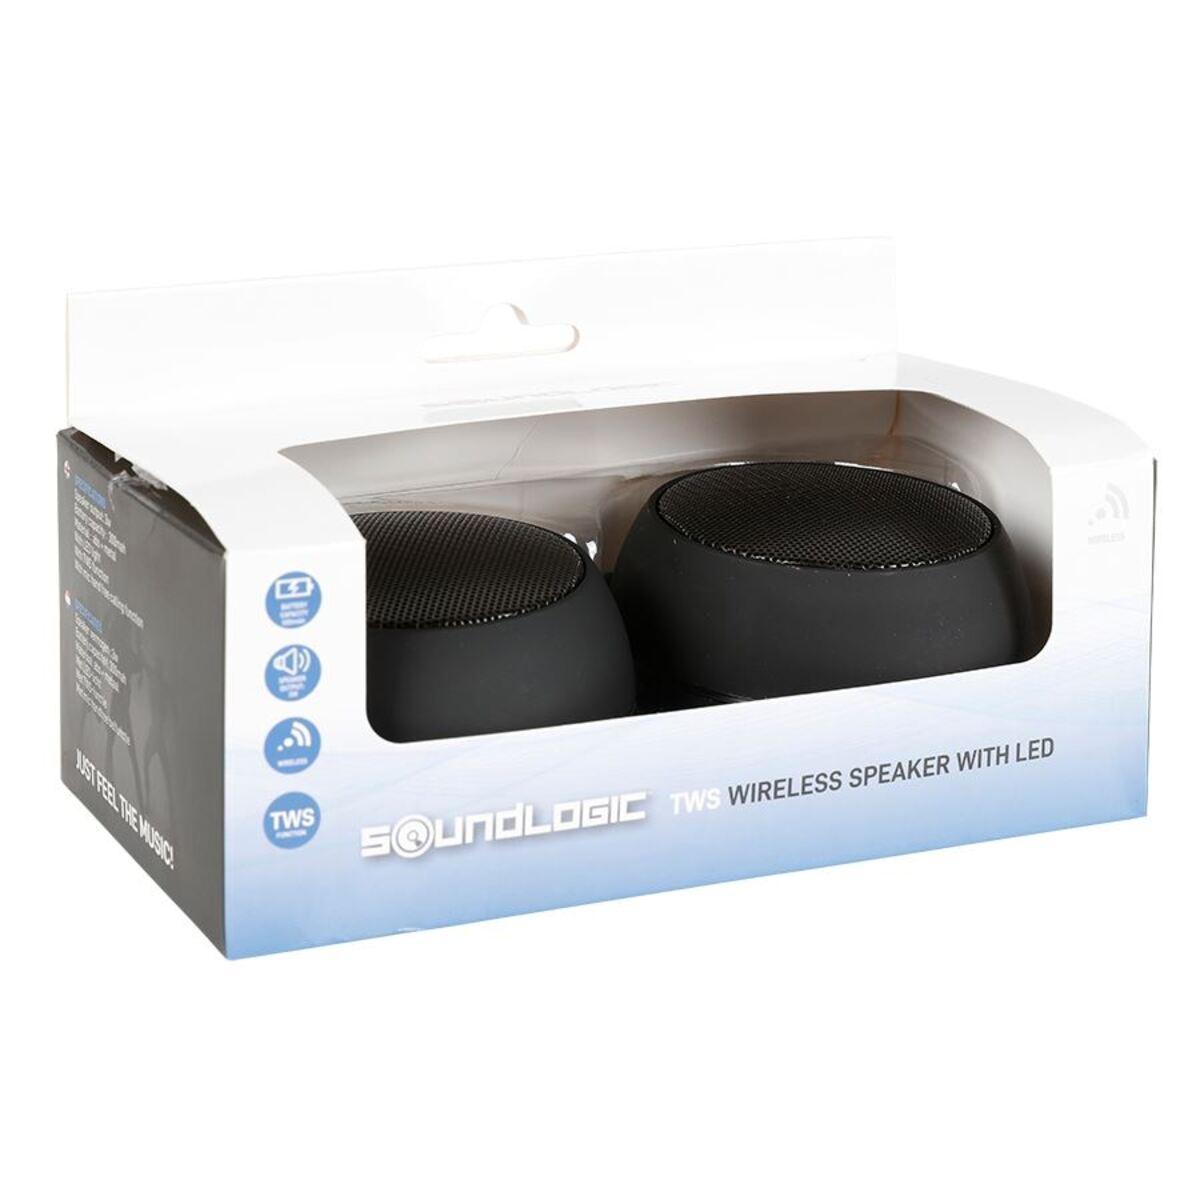 Bild 4 von Soundlogic Twin Lautsprecher 80079 mit LED-Beleuchtung